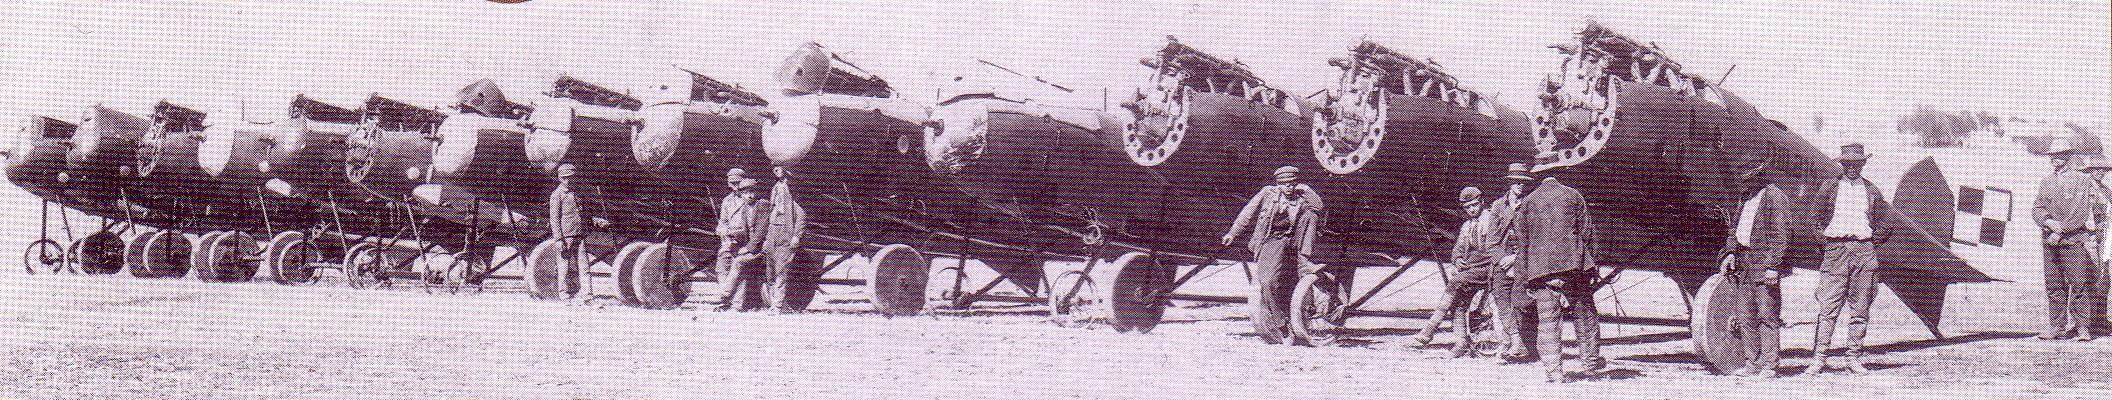 Montaż Oeffagów D.III z drugiej dostawy dla polskiego lotnictwa